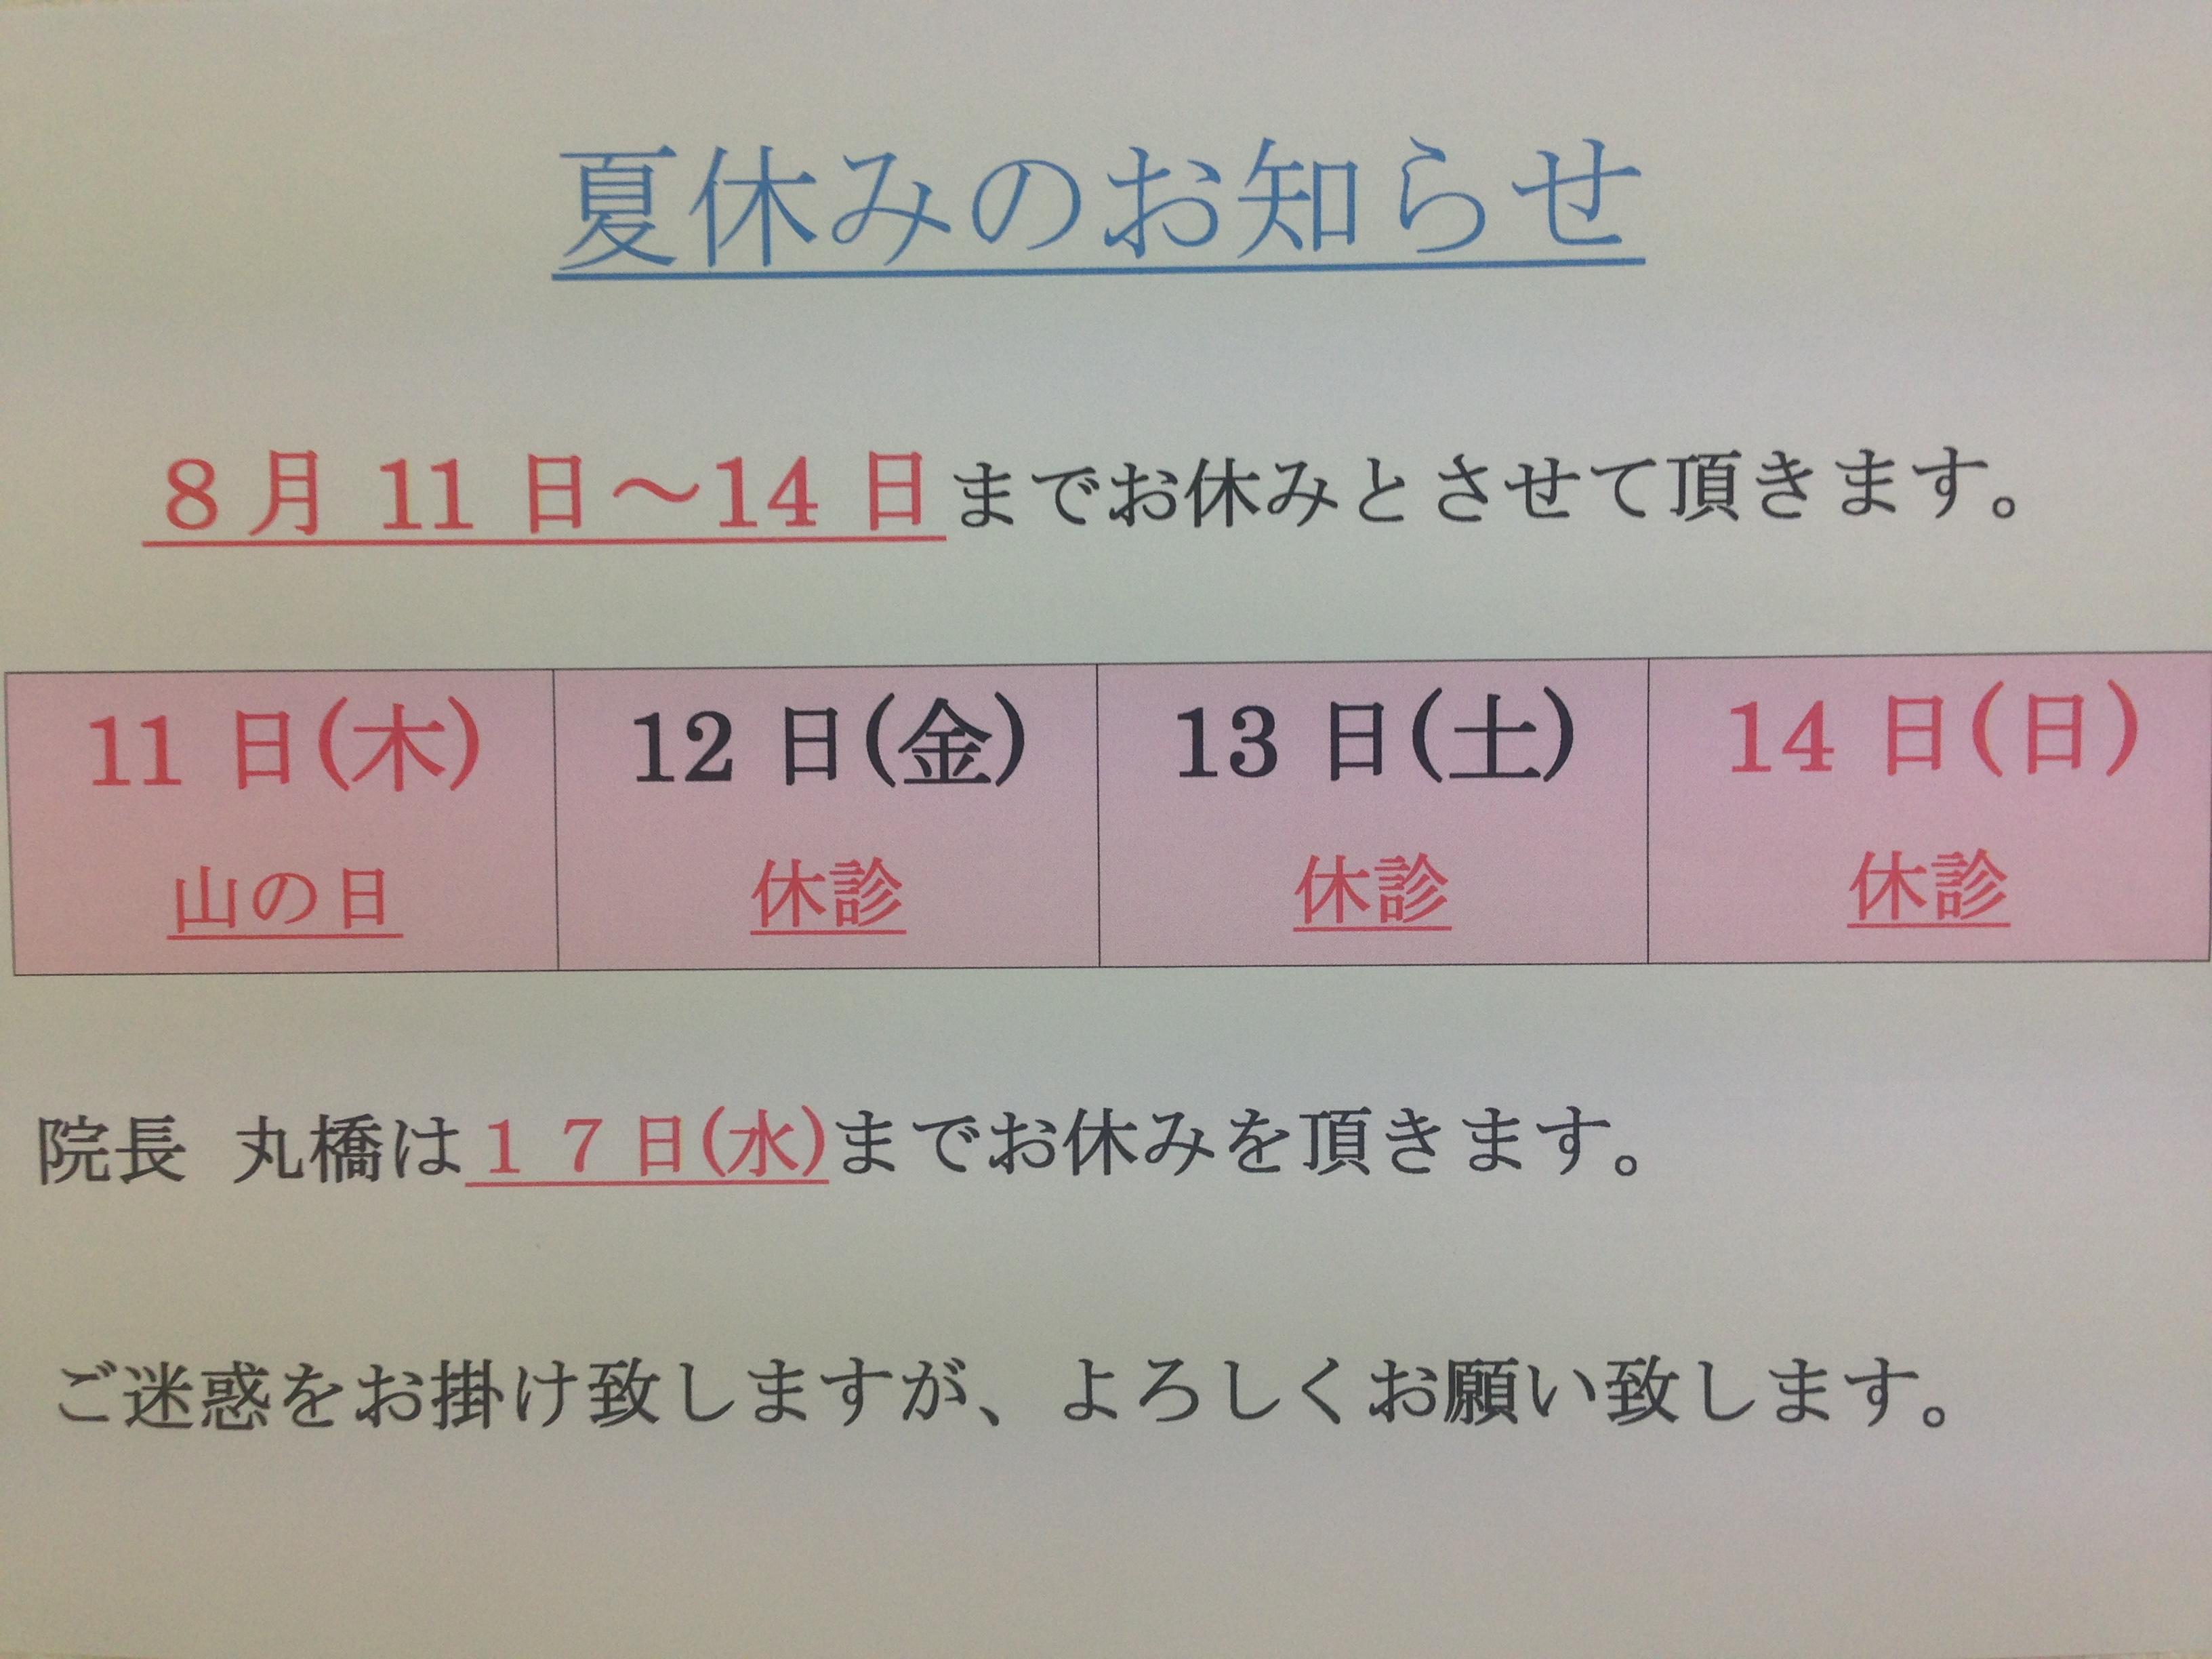 心苦しいですが、明日から夏休みを頂きます。